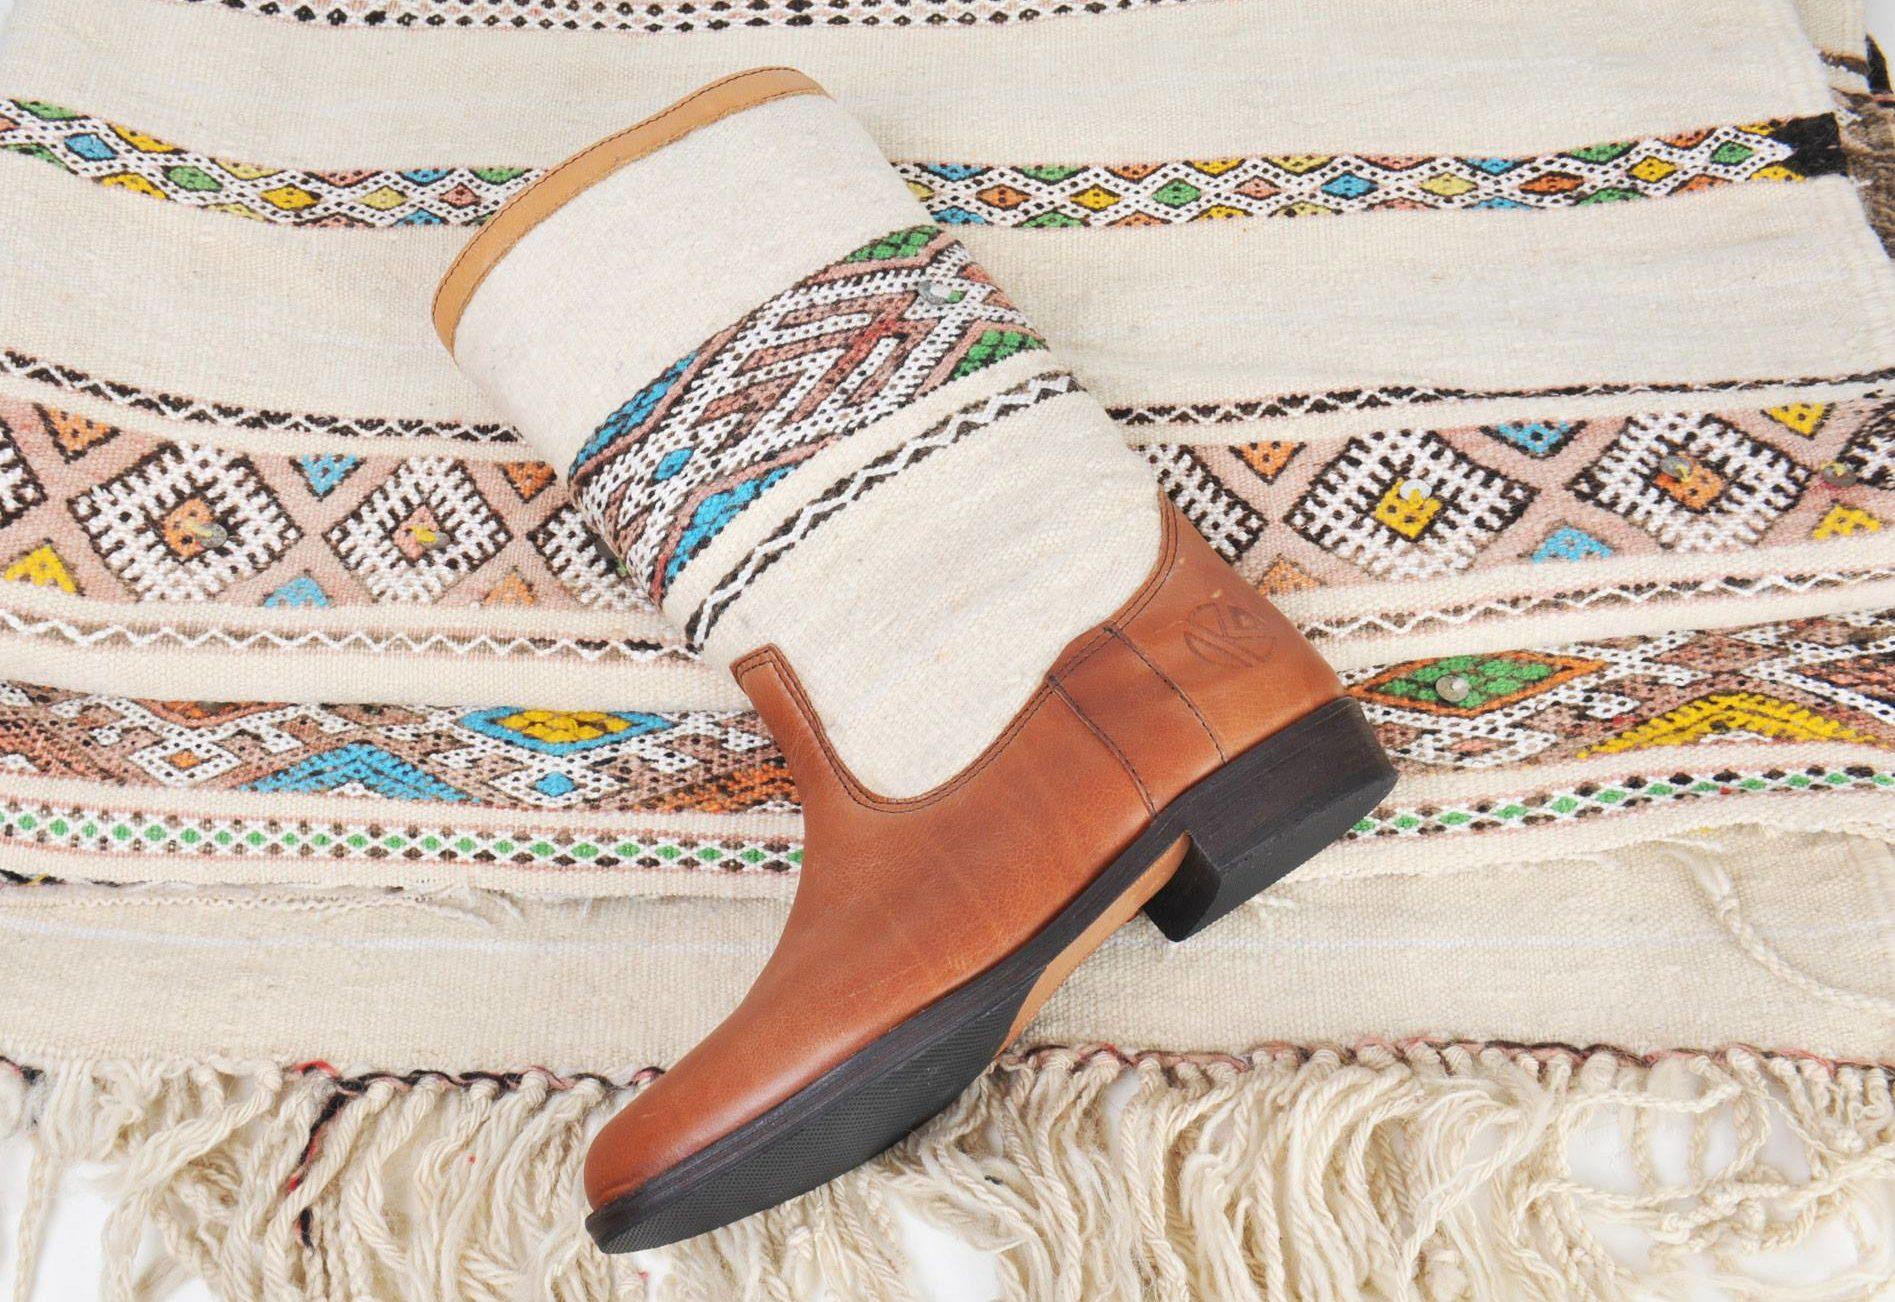 KINDRED SPIRITS // Our Original Kiboots – Lee Ann Kilim Boots Inspiration